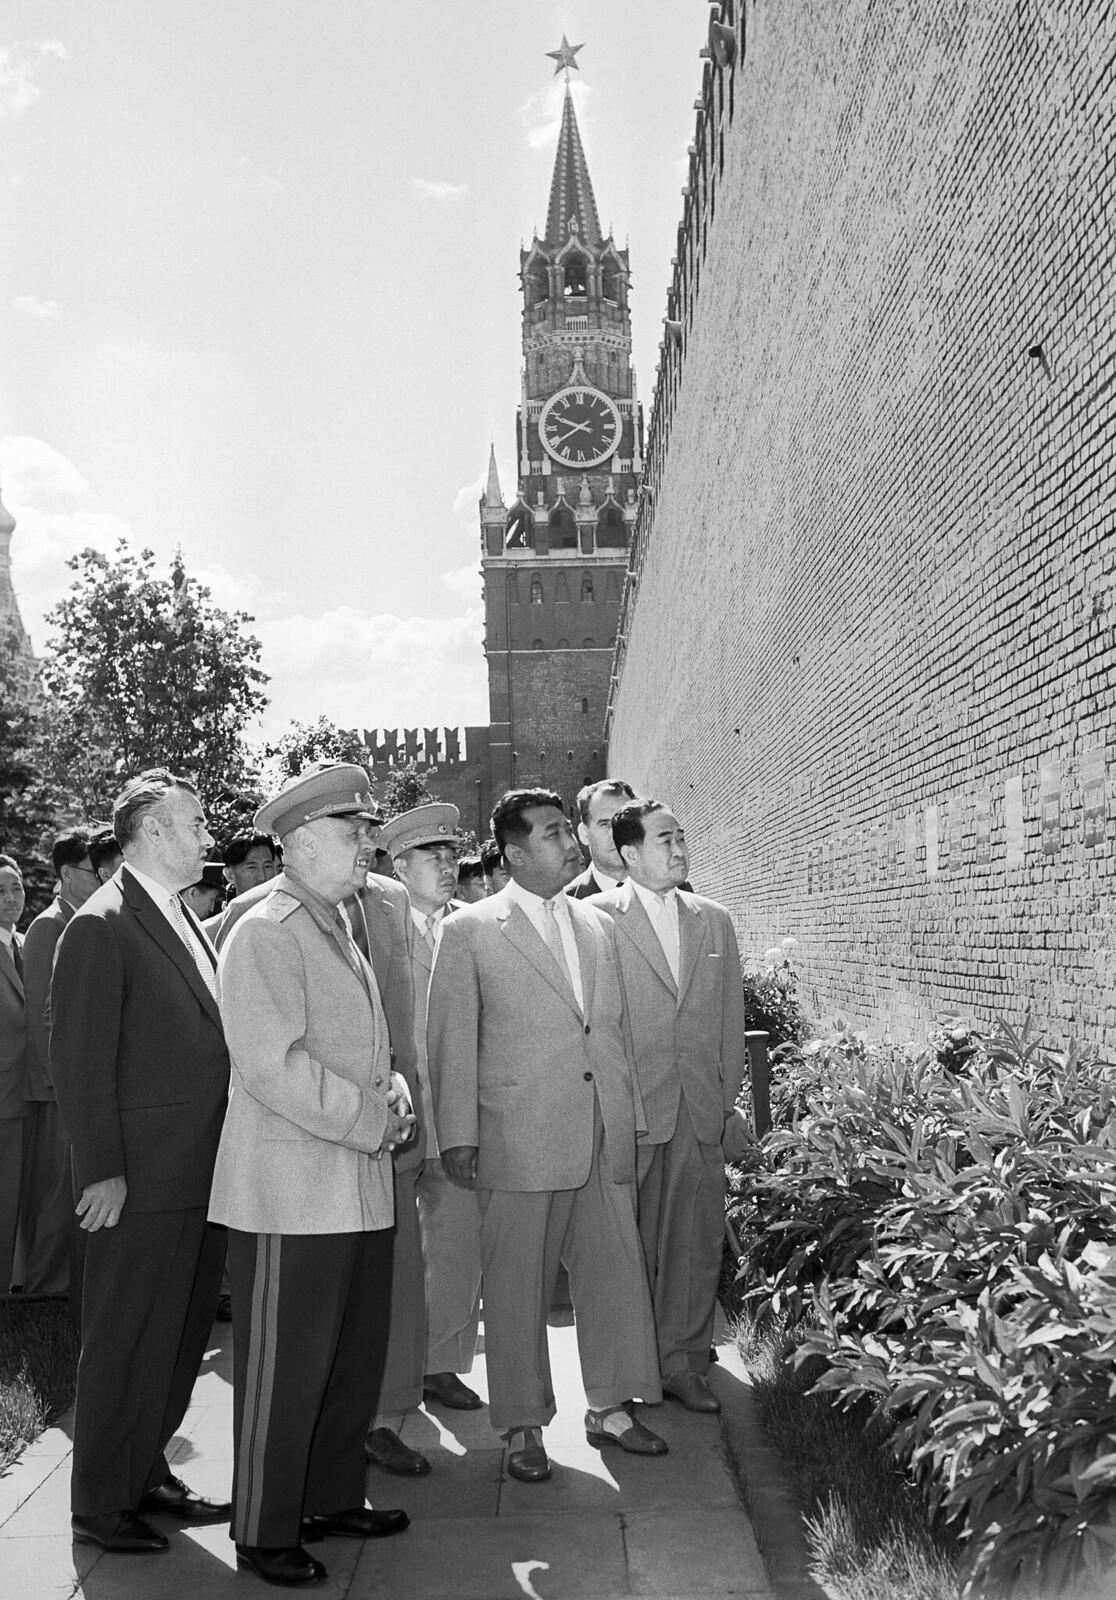 1961. Генеральный секретарь Рабочей партии Кореи, Президент Корейской Народно-Демократической Республики Ким Ир Сен и корейская правительственная делегация посещают Красную площадь (2)